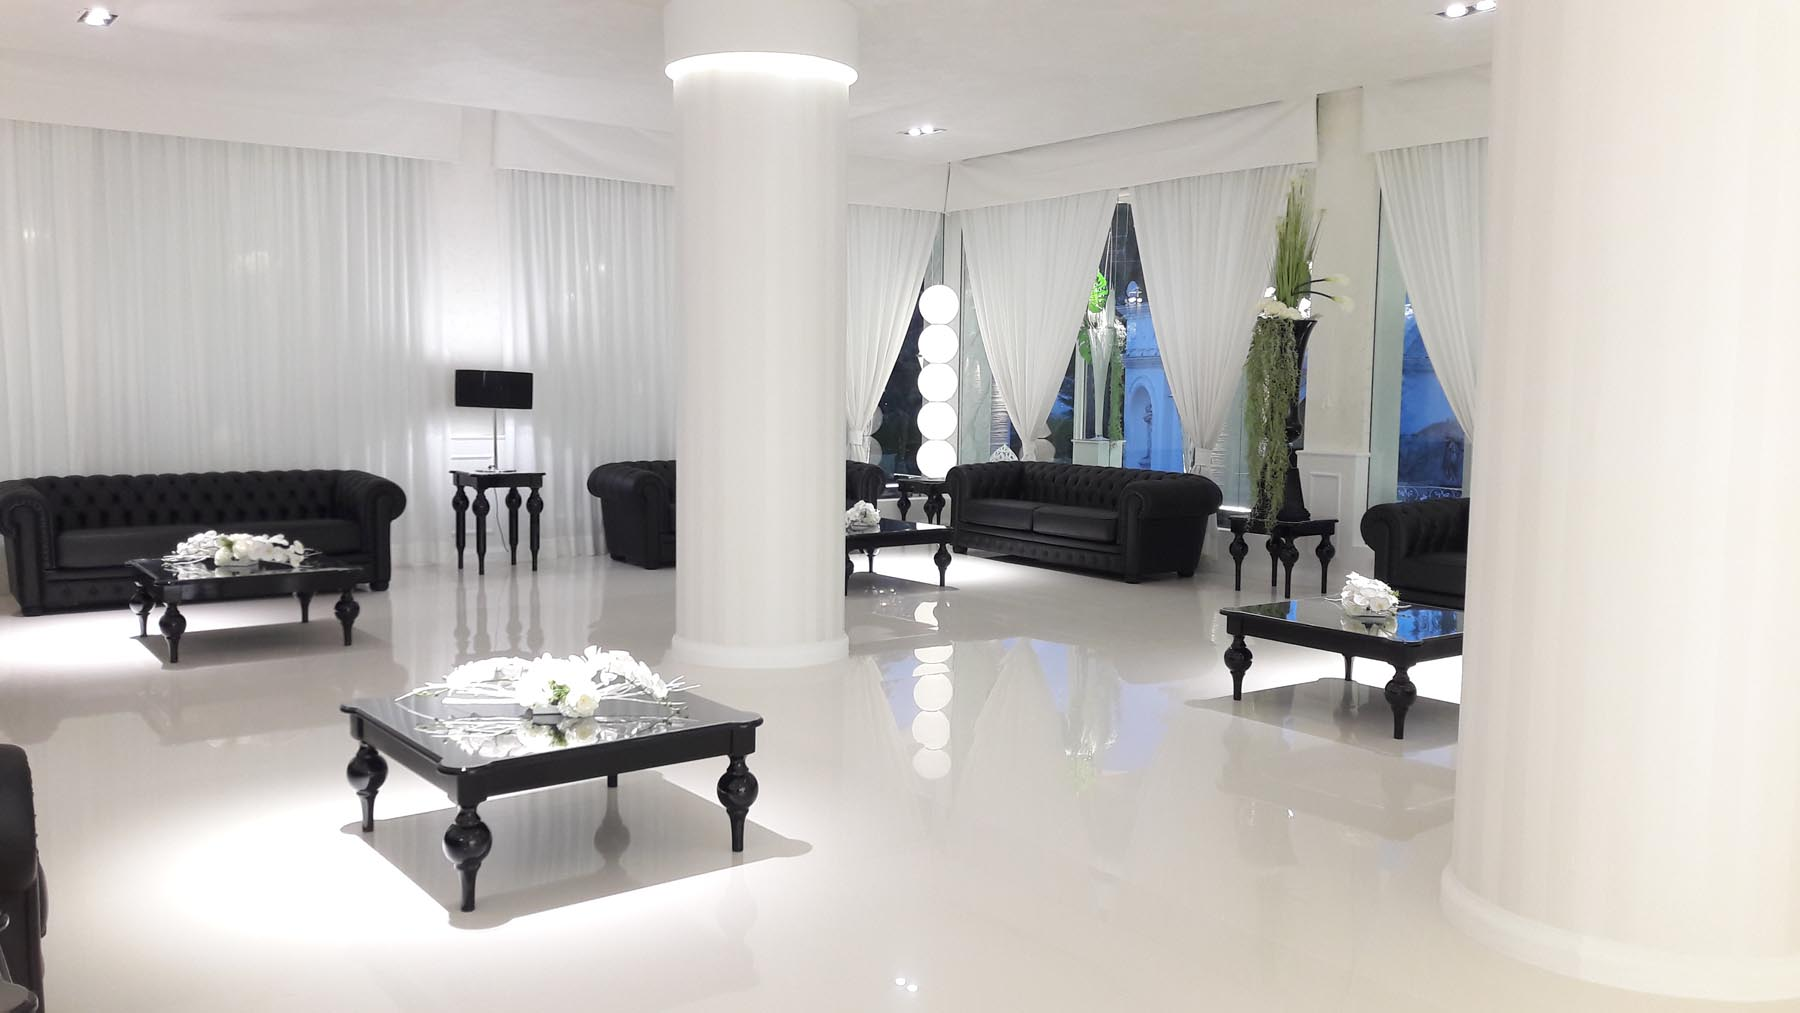 Dea Ebe Black e White in stile chanel (23)